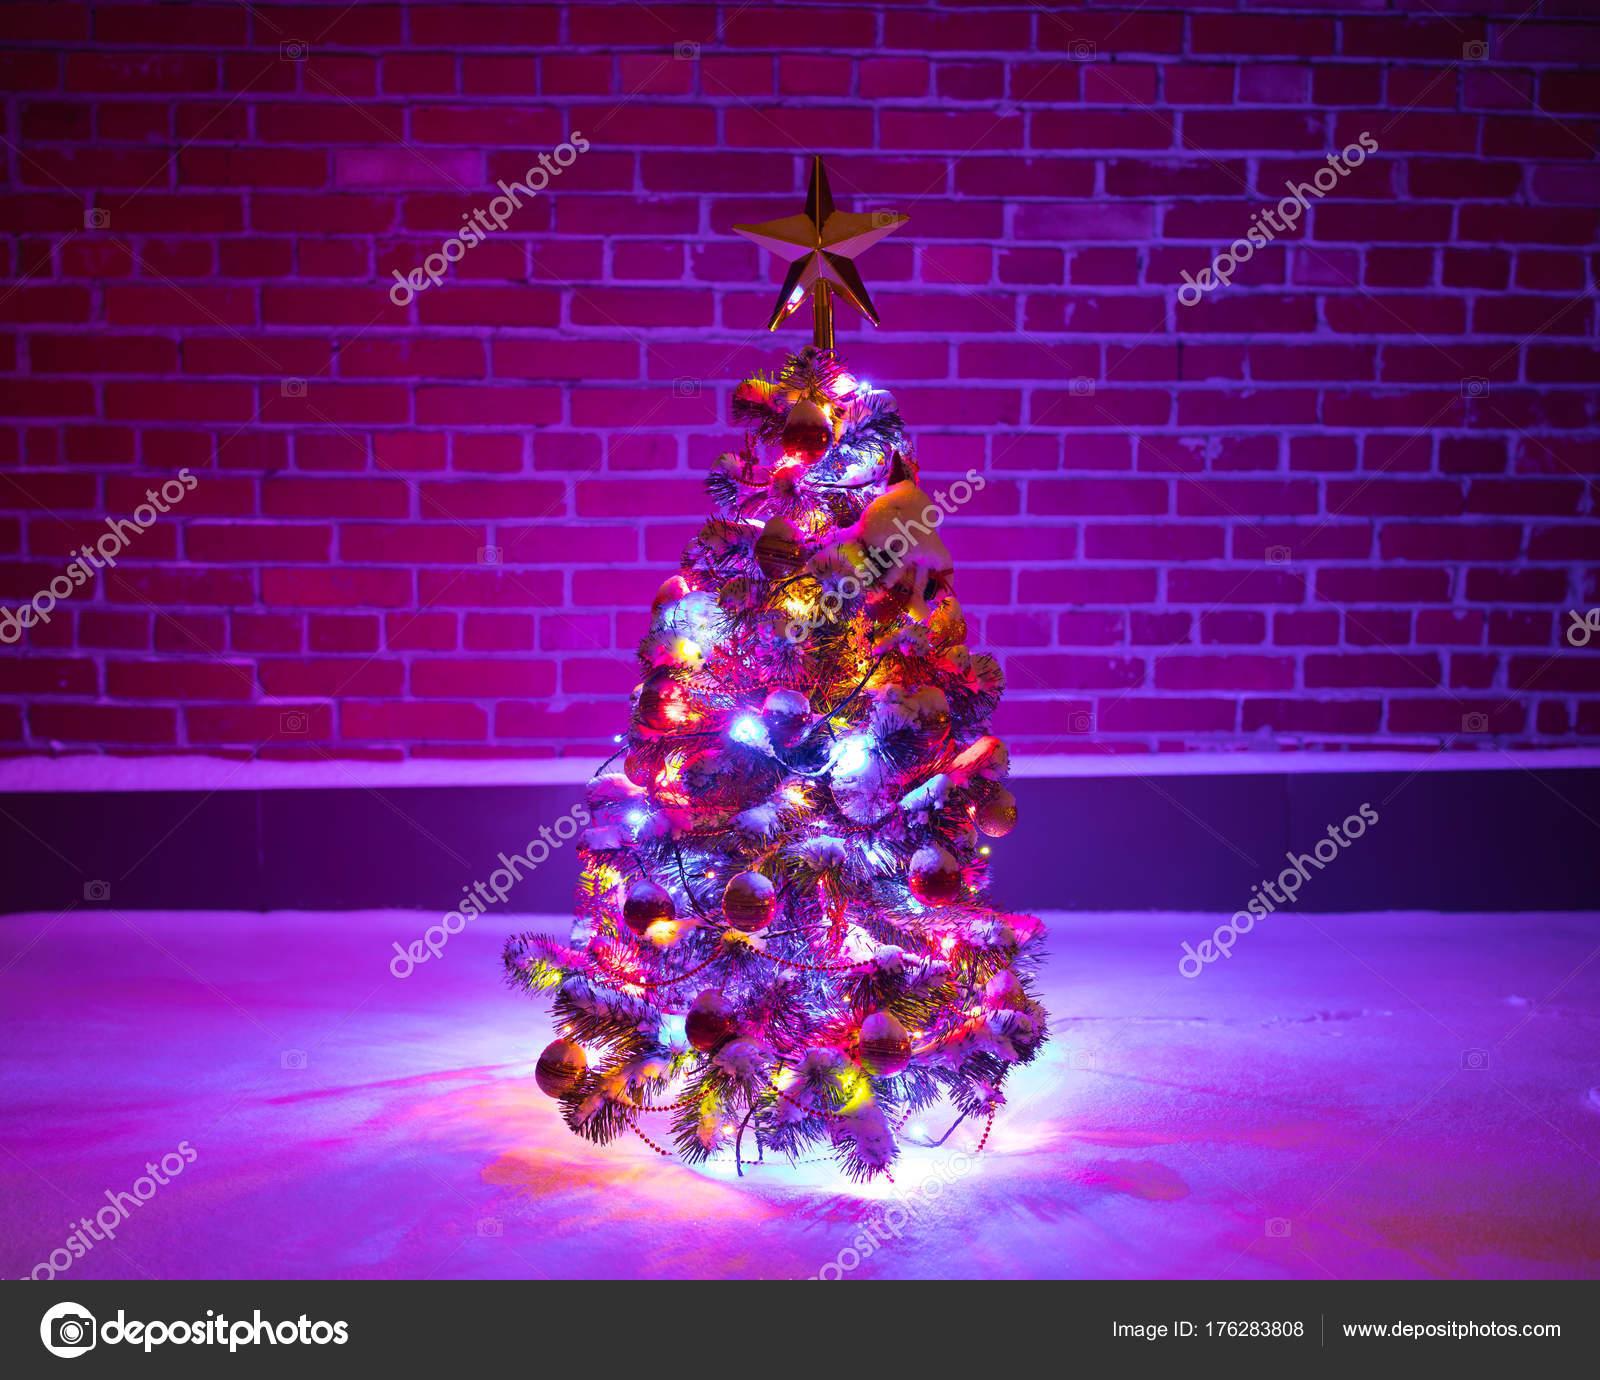 kerstboom met feestelijke verlichting in sneeuw buiten paarse baksteen muur achtergrond stockfoto